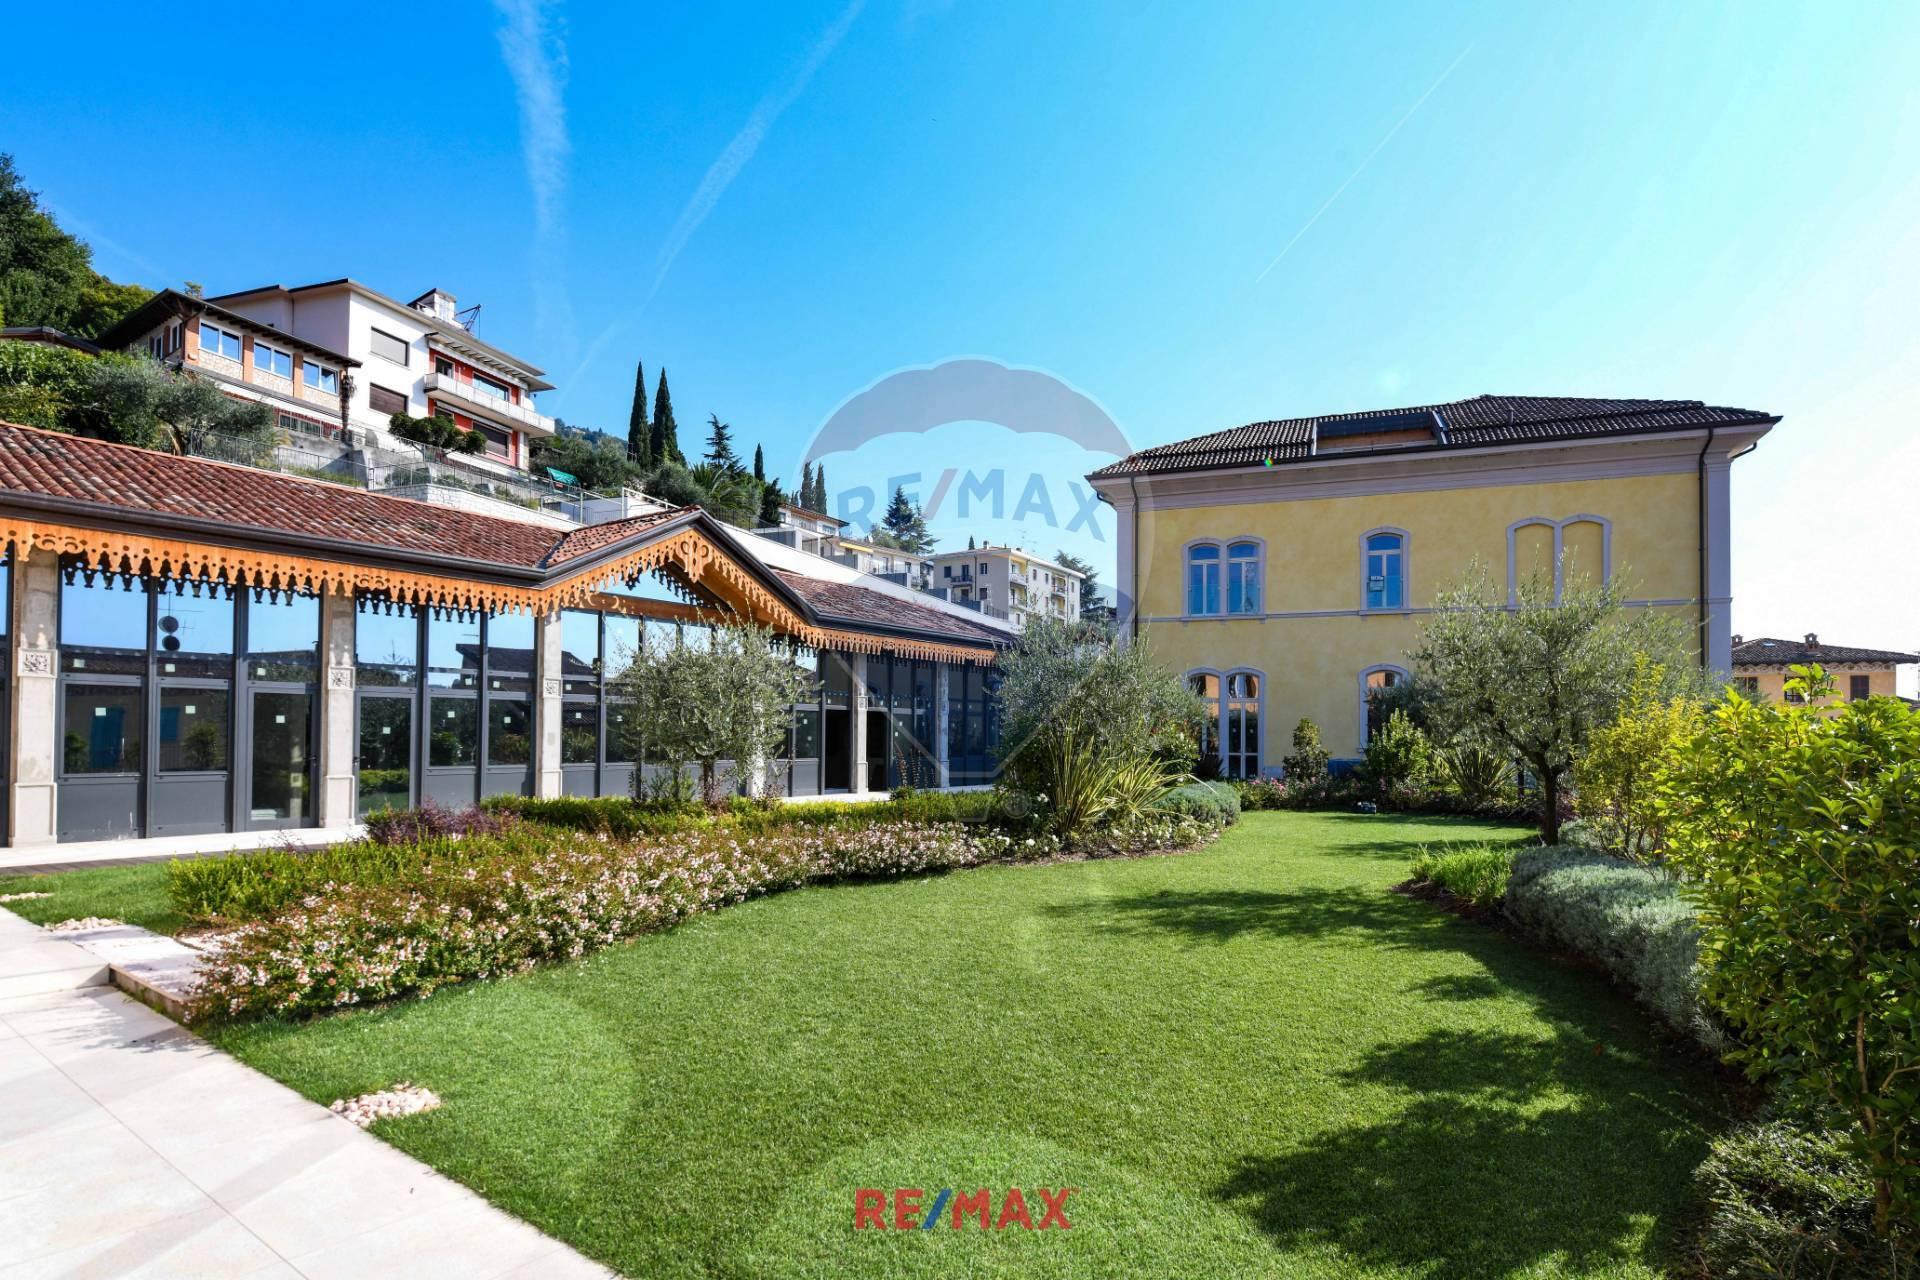 Appartamento in vendita a Salò, 4 locali, prezzo € 575.000 | CambioCasa.it